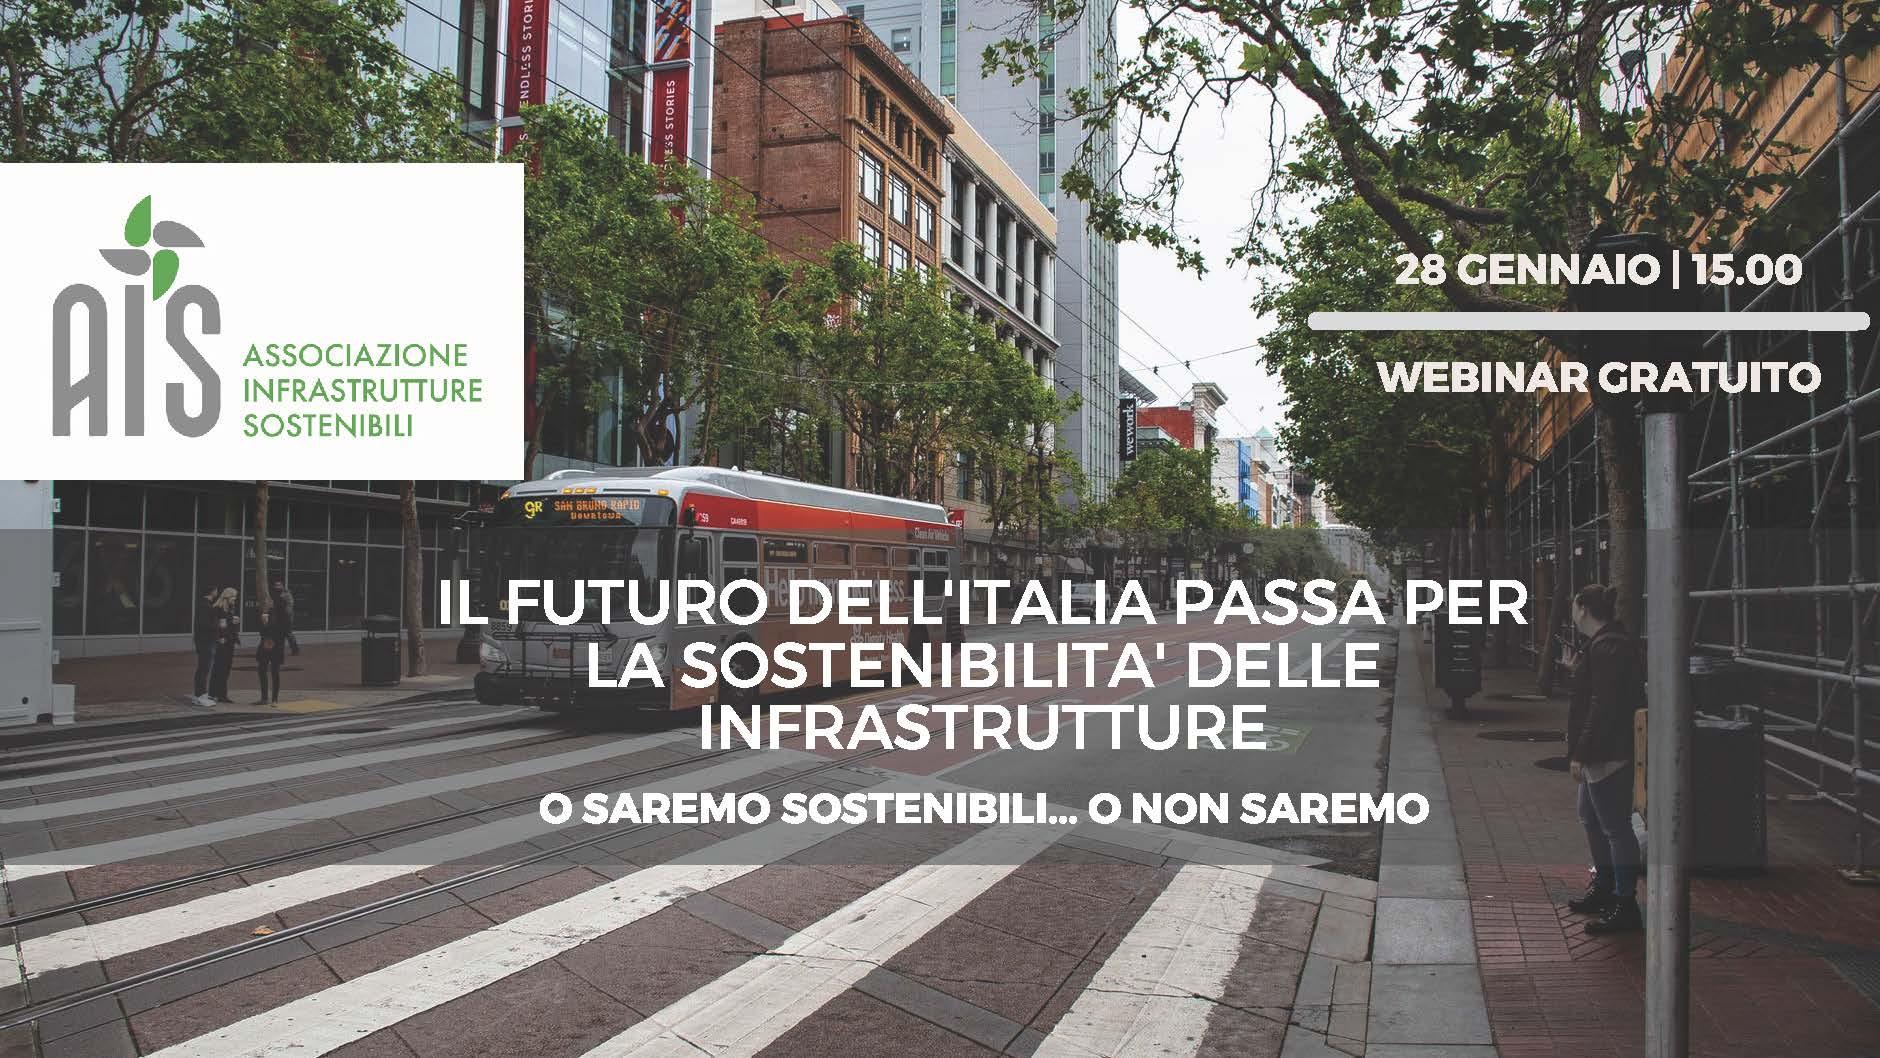 Il Futuro Dell'Italia Passa Per La Sostenibilità Delle Infrastrutture